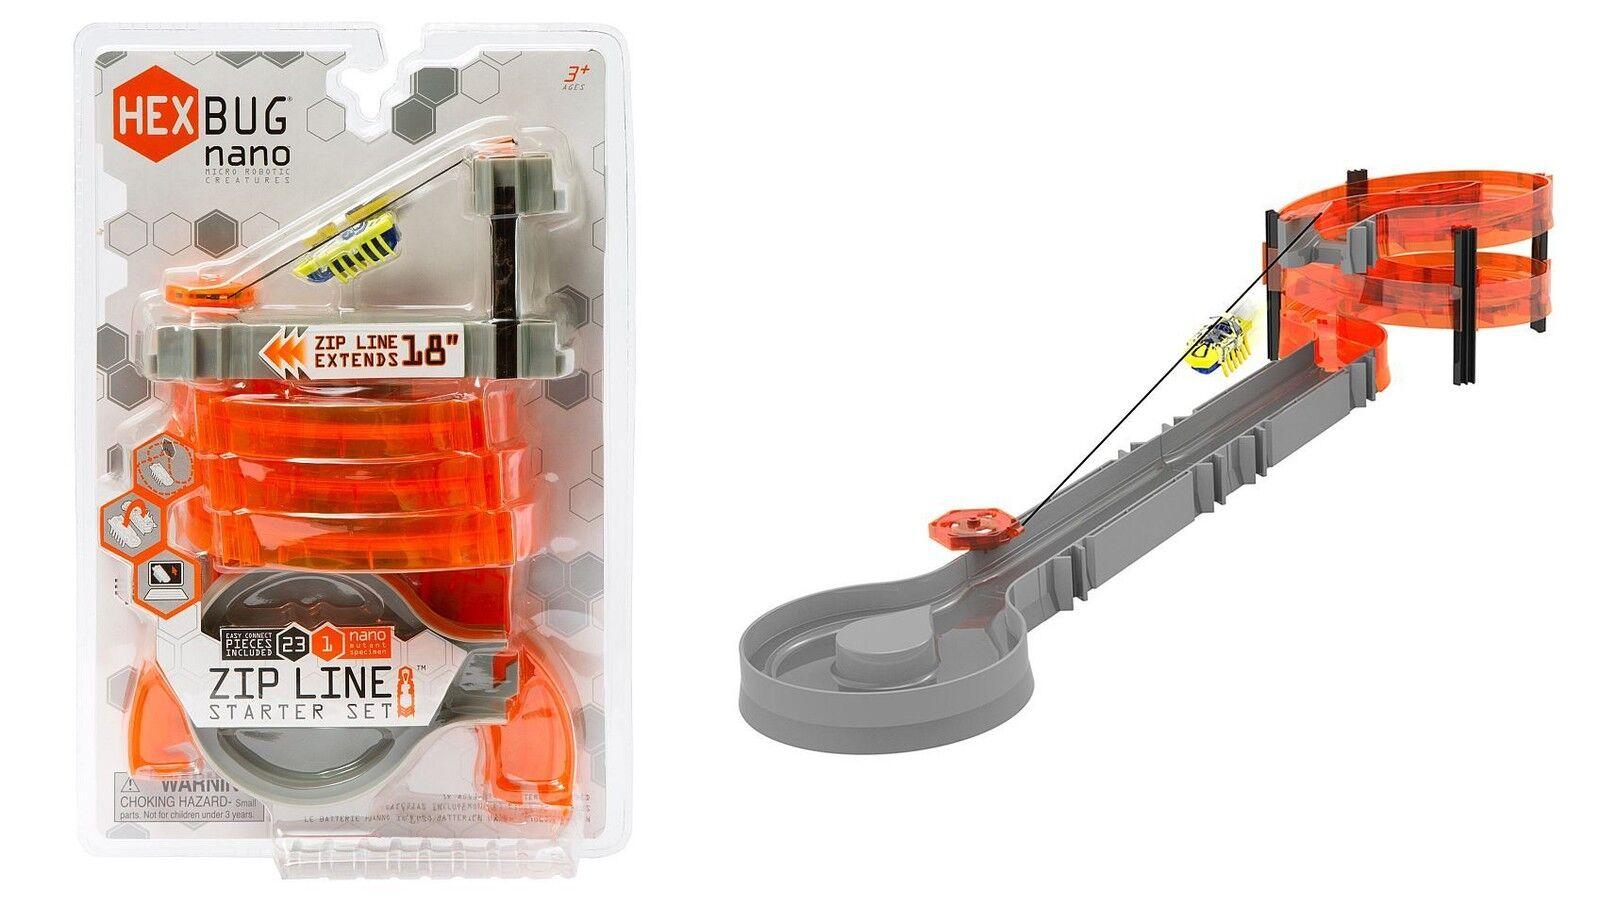 Hex Bug Roboter Nano Zip-Line Starter Set Nano Hexbug Spielroboter Krabbelkäfer